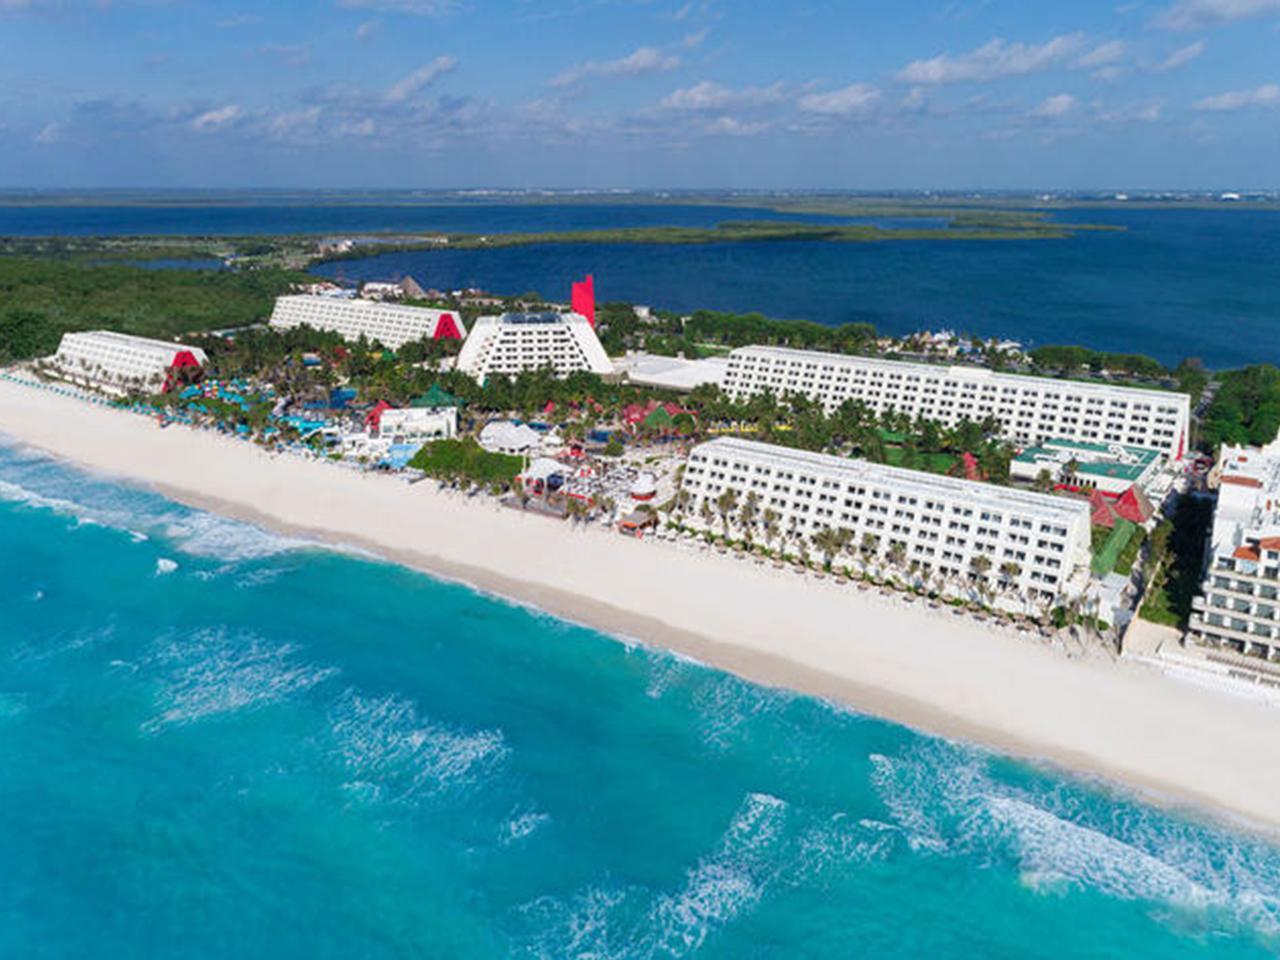 wedding Planner en Monterrey, Boda en la playa, Las mejores bodas en la playa en México -wedding Planner en Monterrey, Boda en la playa, Las mejores bodas en la playa en México - Paquete 1: Romance